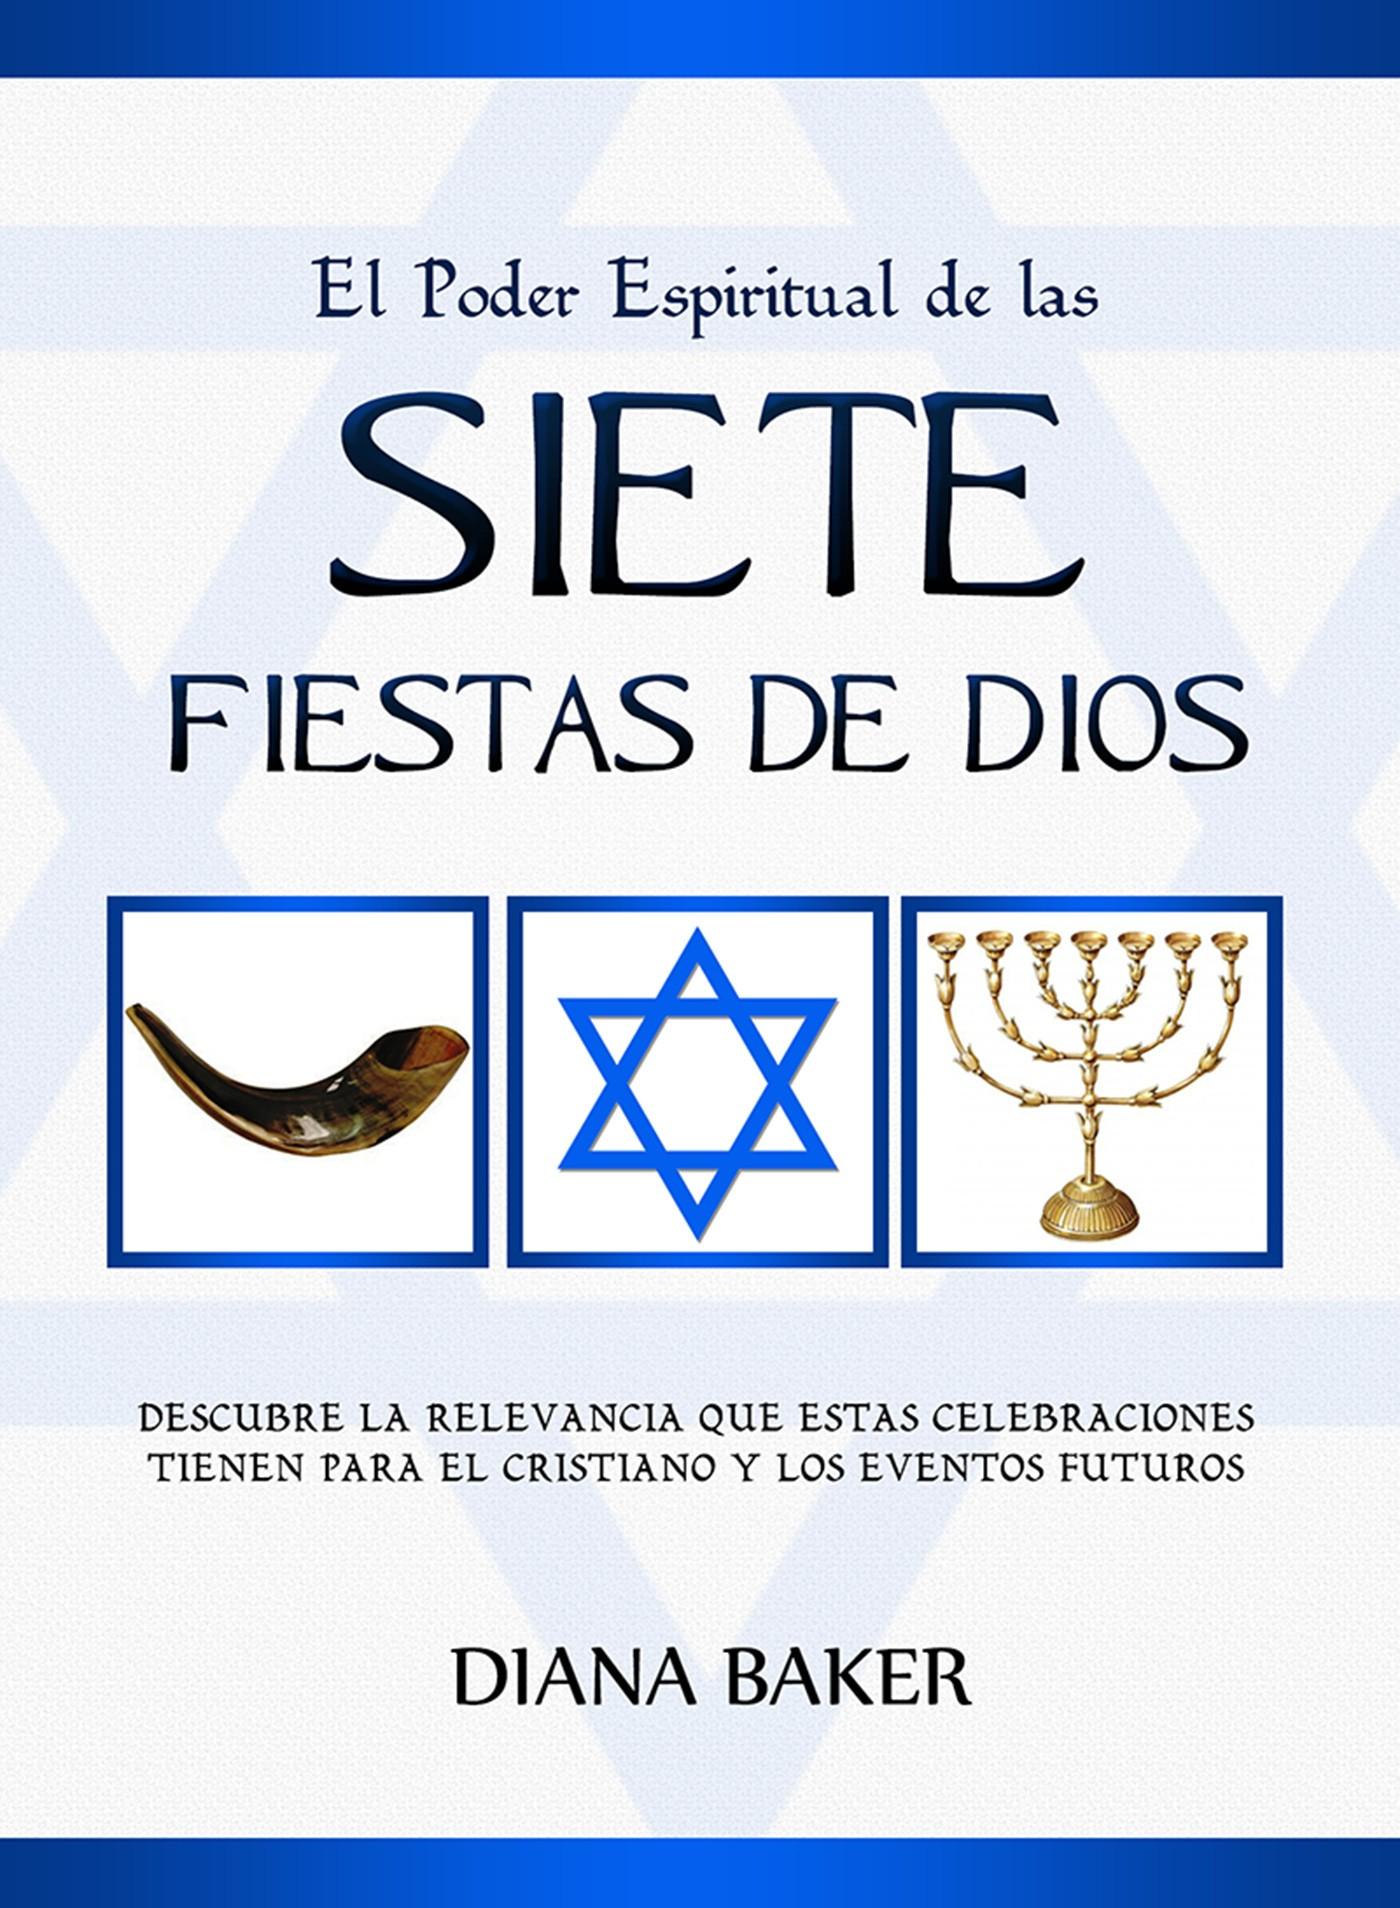 El Poder Espiritual de las Siete Fiestas de Dios